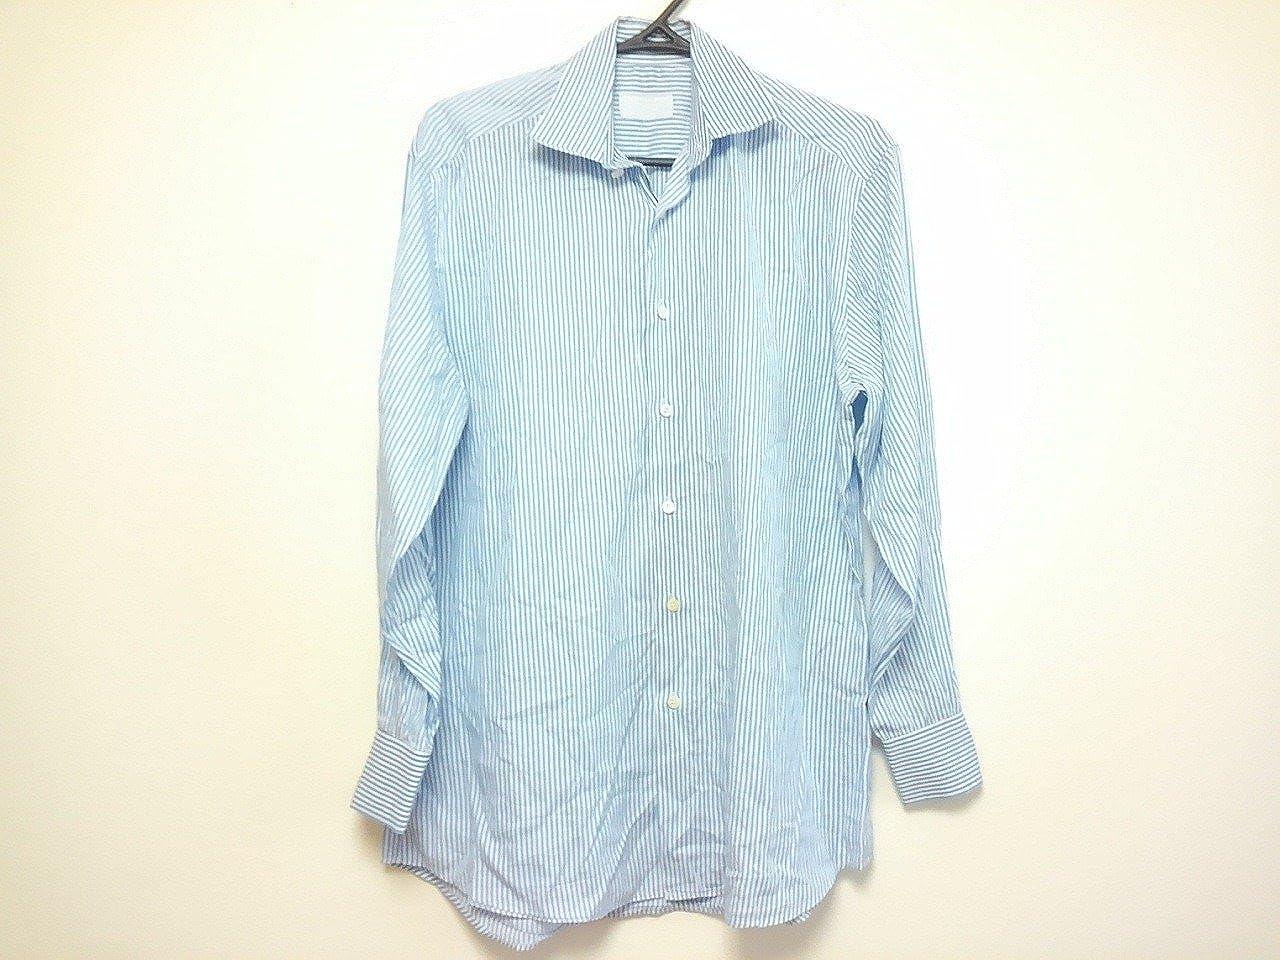 (プラダ) PRADA シャツ 長袖シャツ メンズ 白×ライトブルー 【中古】 B07F1V8V2D  -